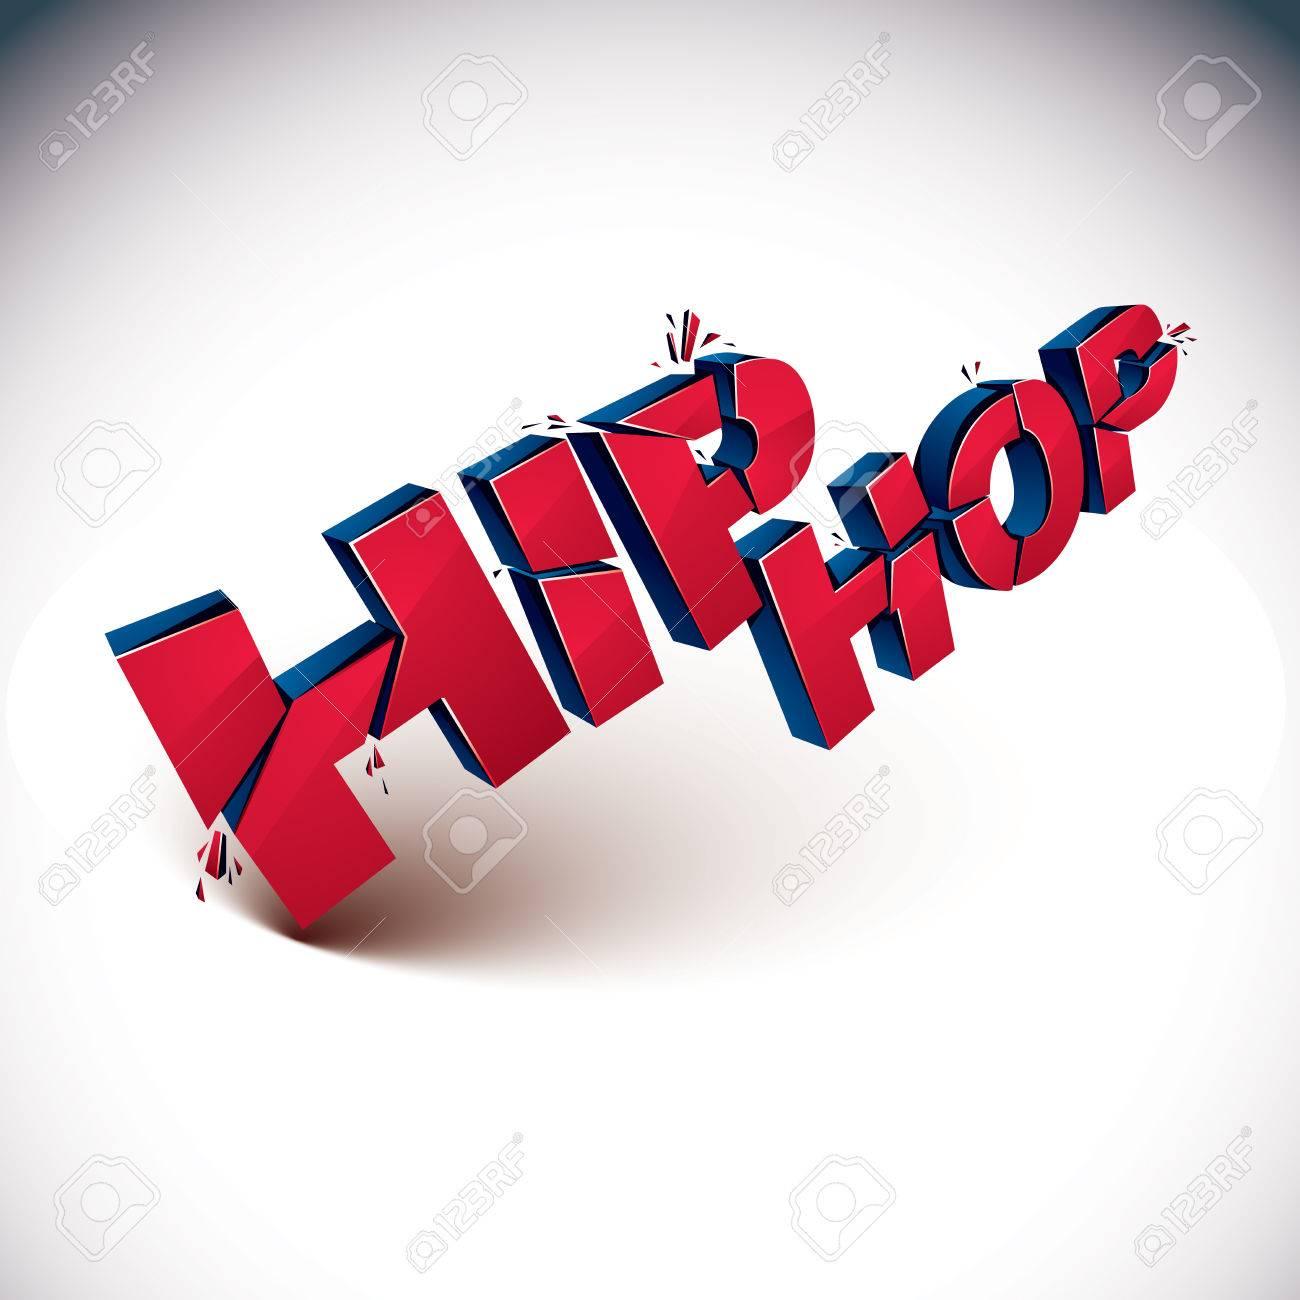 Dimensional Zertrümmerten Vektor Rot Hip-Hop-Wort, Zeitgenössischen ...